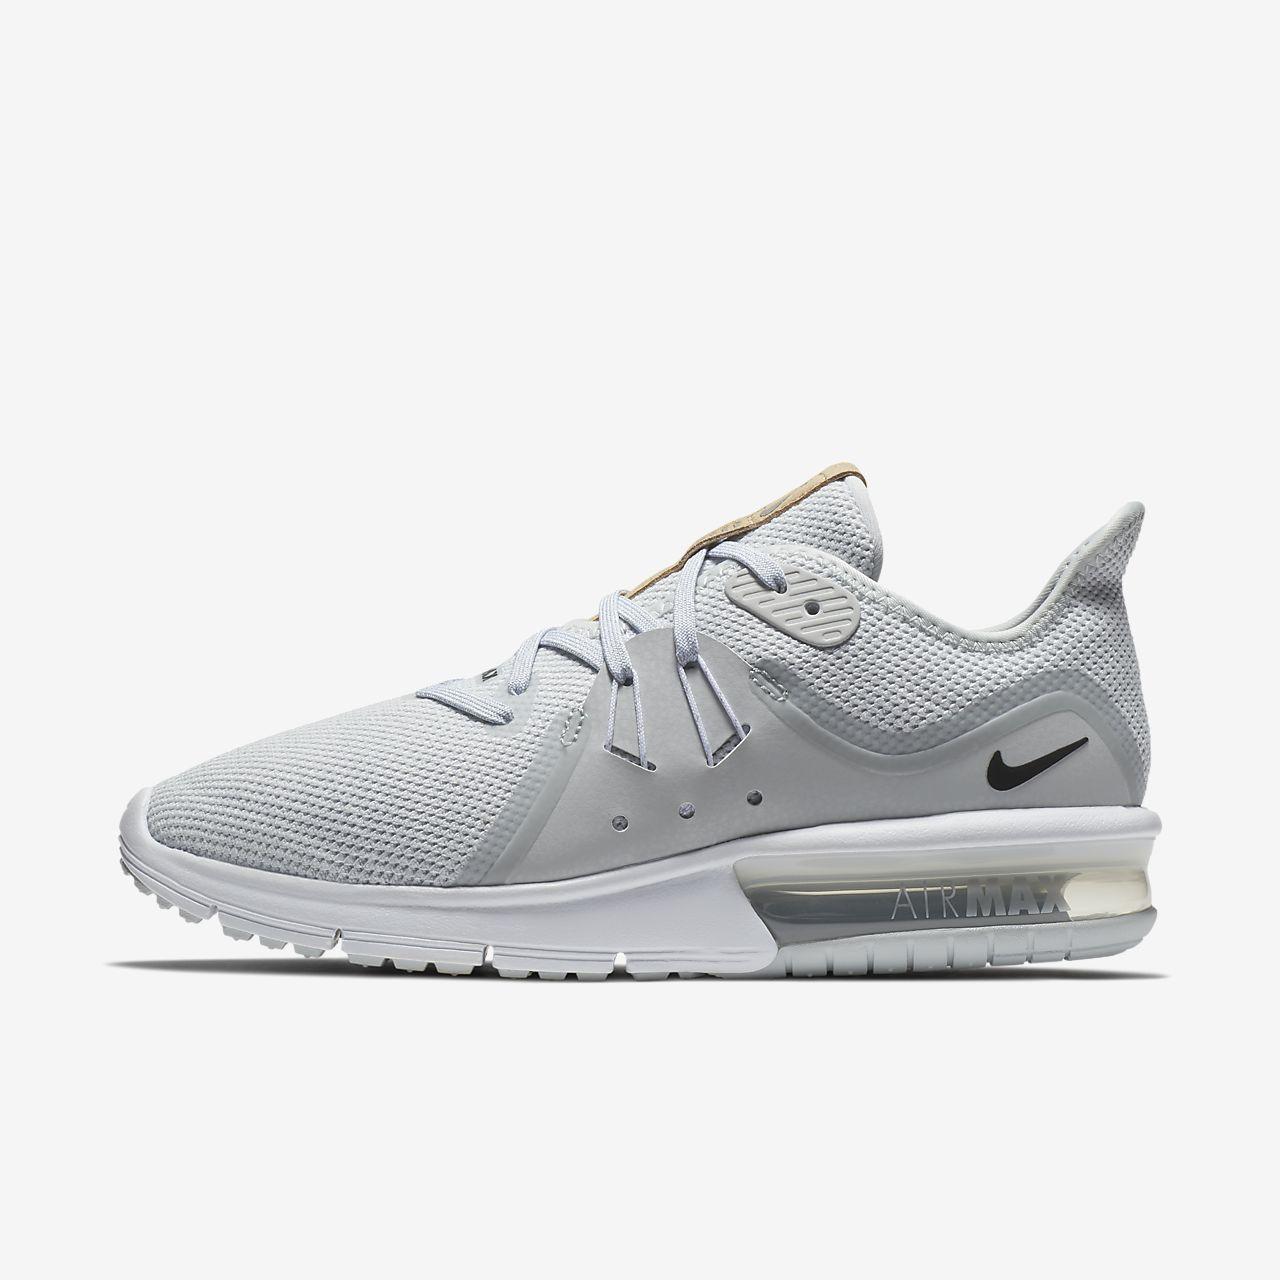 outlet store ab9b1 4acf3 Nike Air Max Sequent 3-sko til kvinder